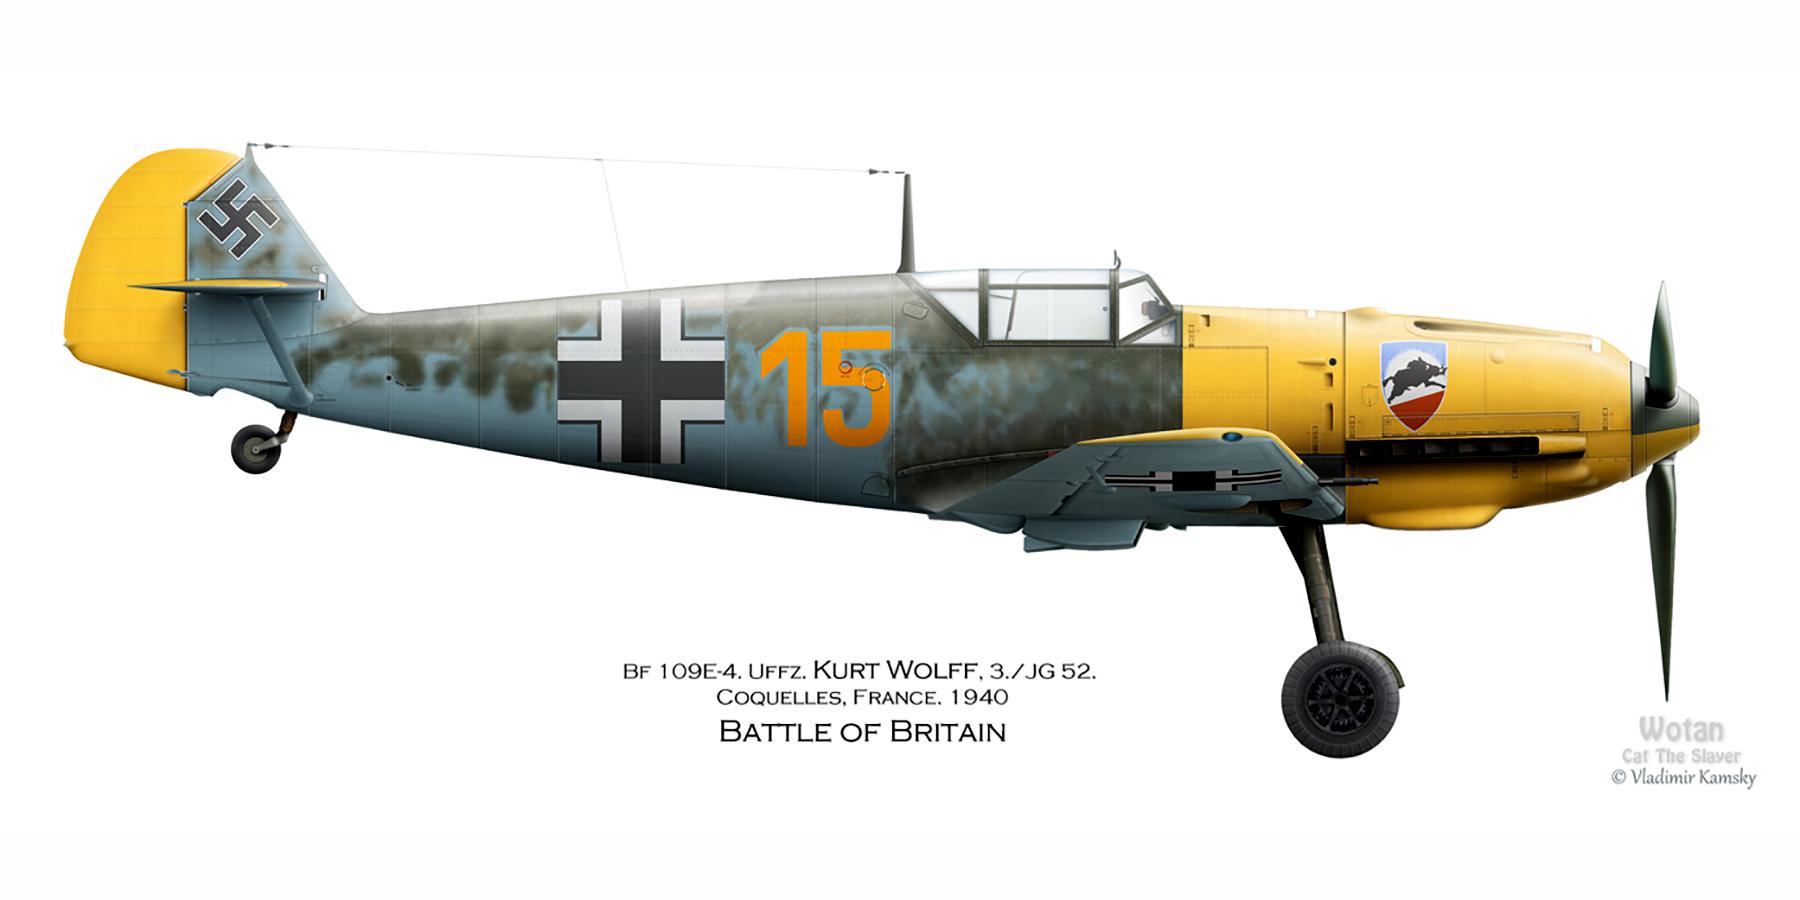 Messerschmitt Bf 109E3 3.JG52 Yellow 15 Kurt Coquelles France Sep 1940 0A